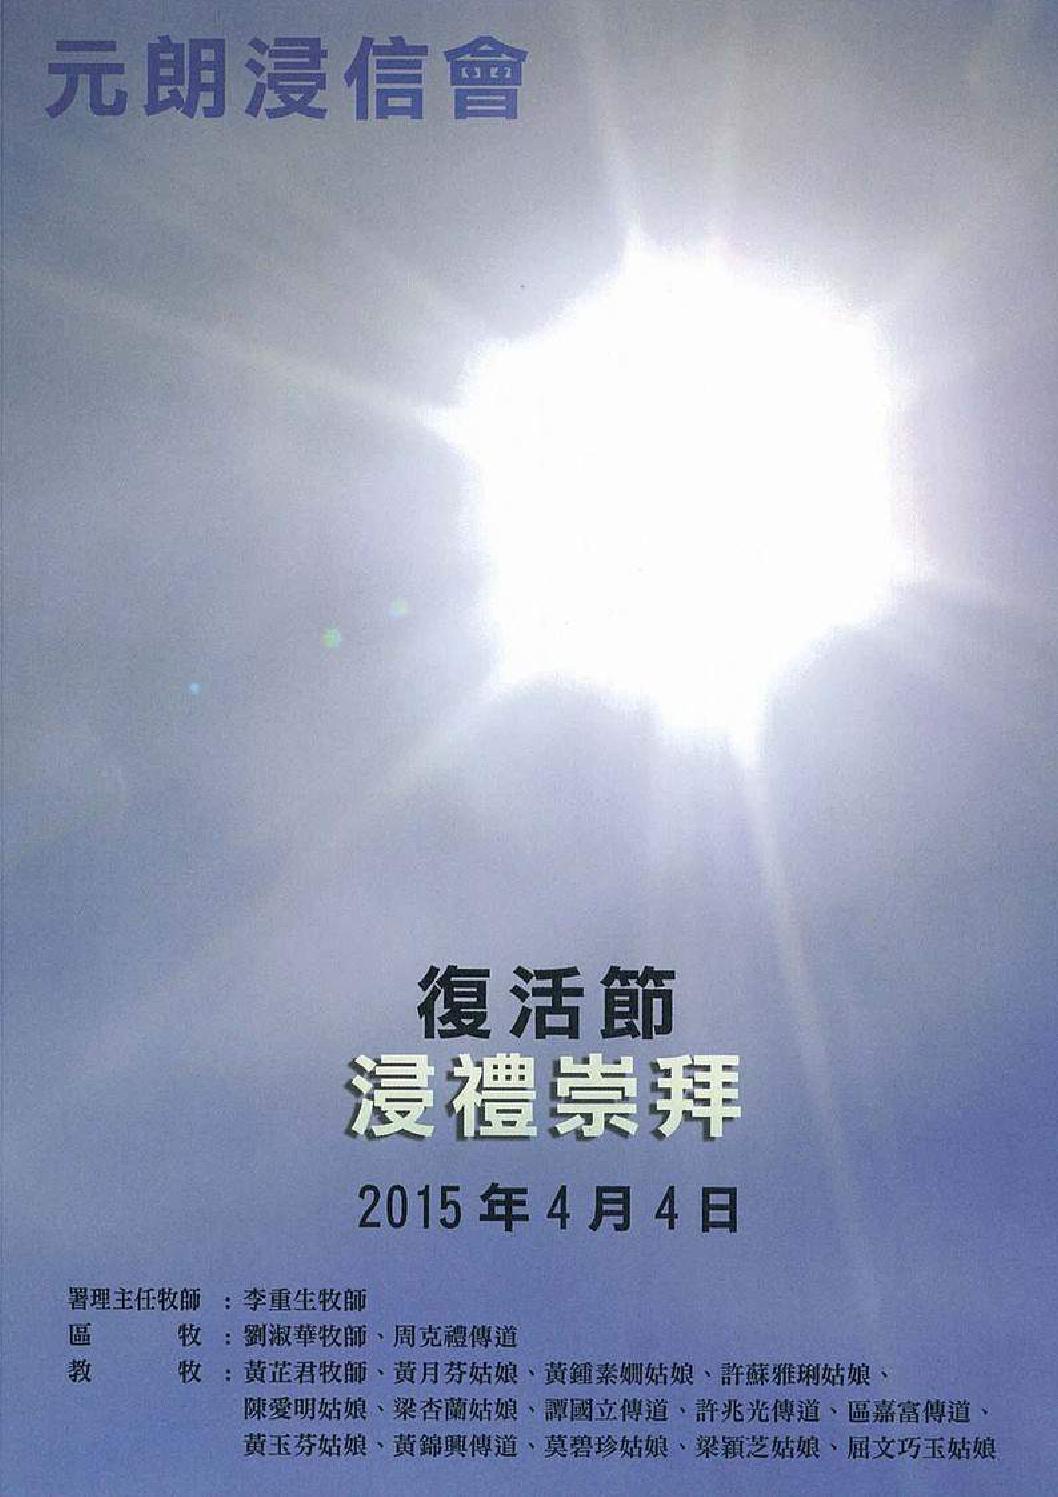 復活節浸禮崇拜程序表 (2015年4月4日) by YLBCHK - Issuu